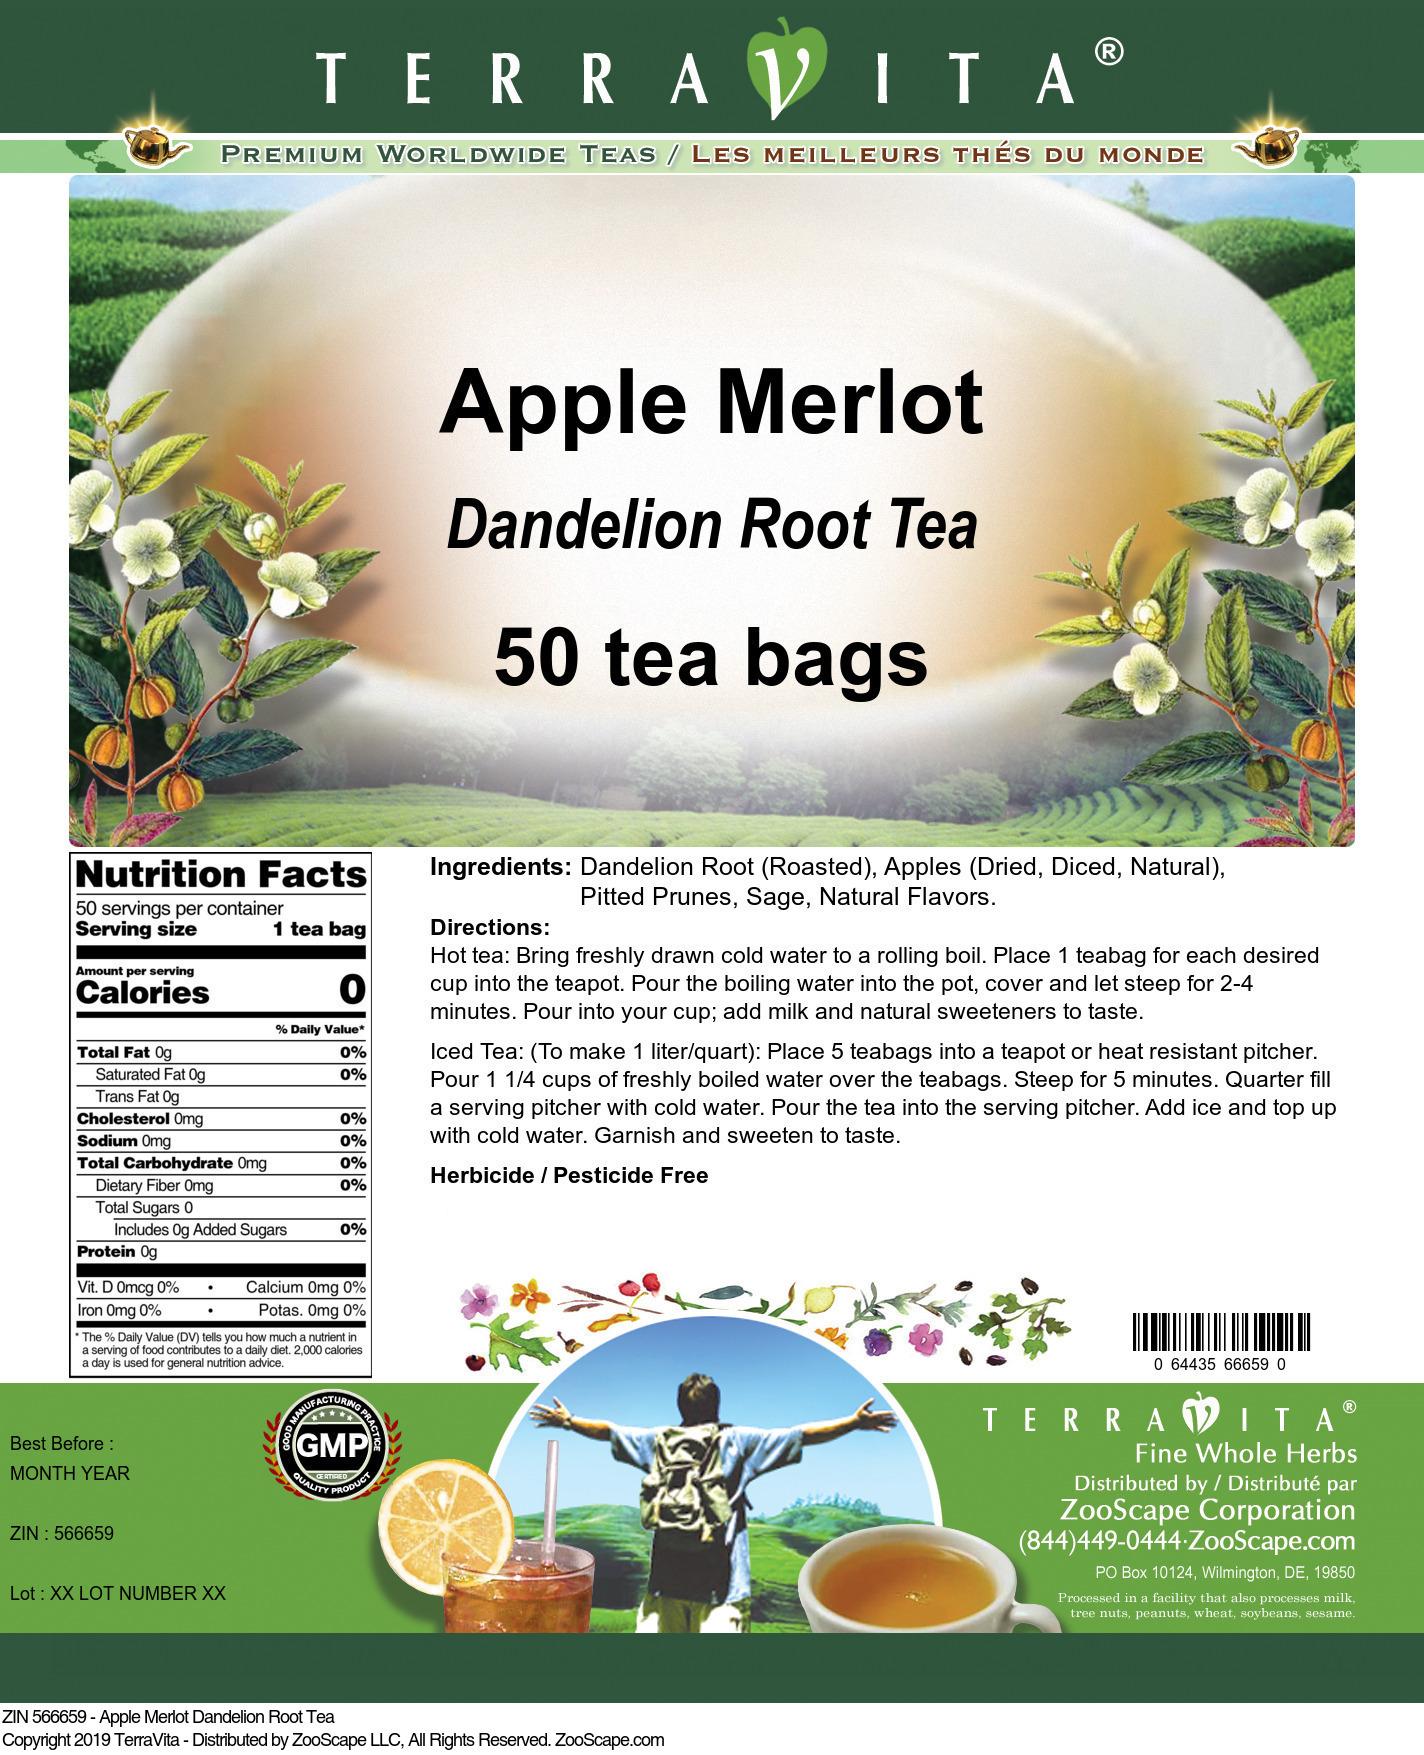 Apple Merlot Dandelion Root Tea